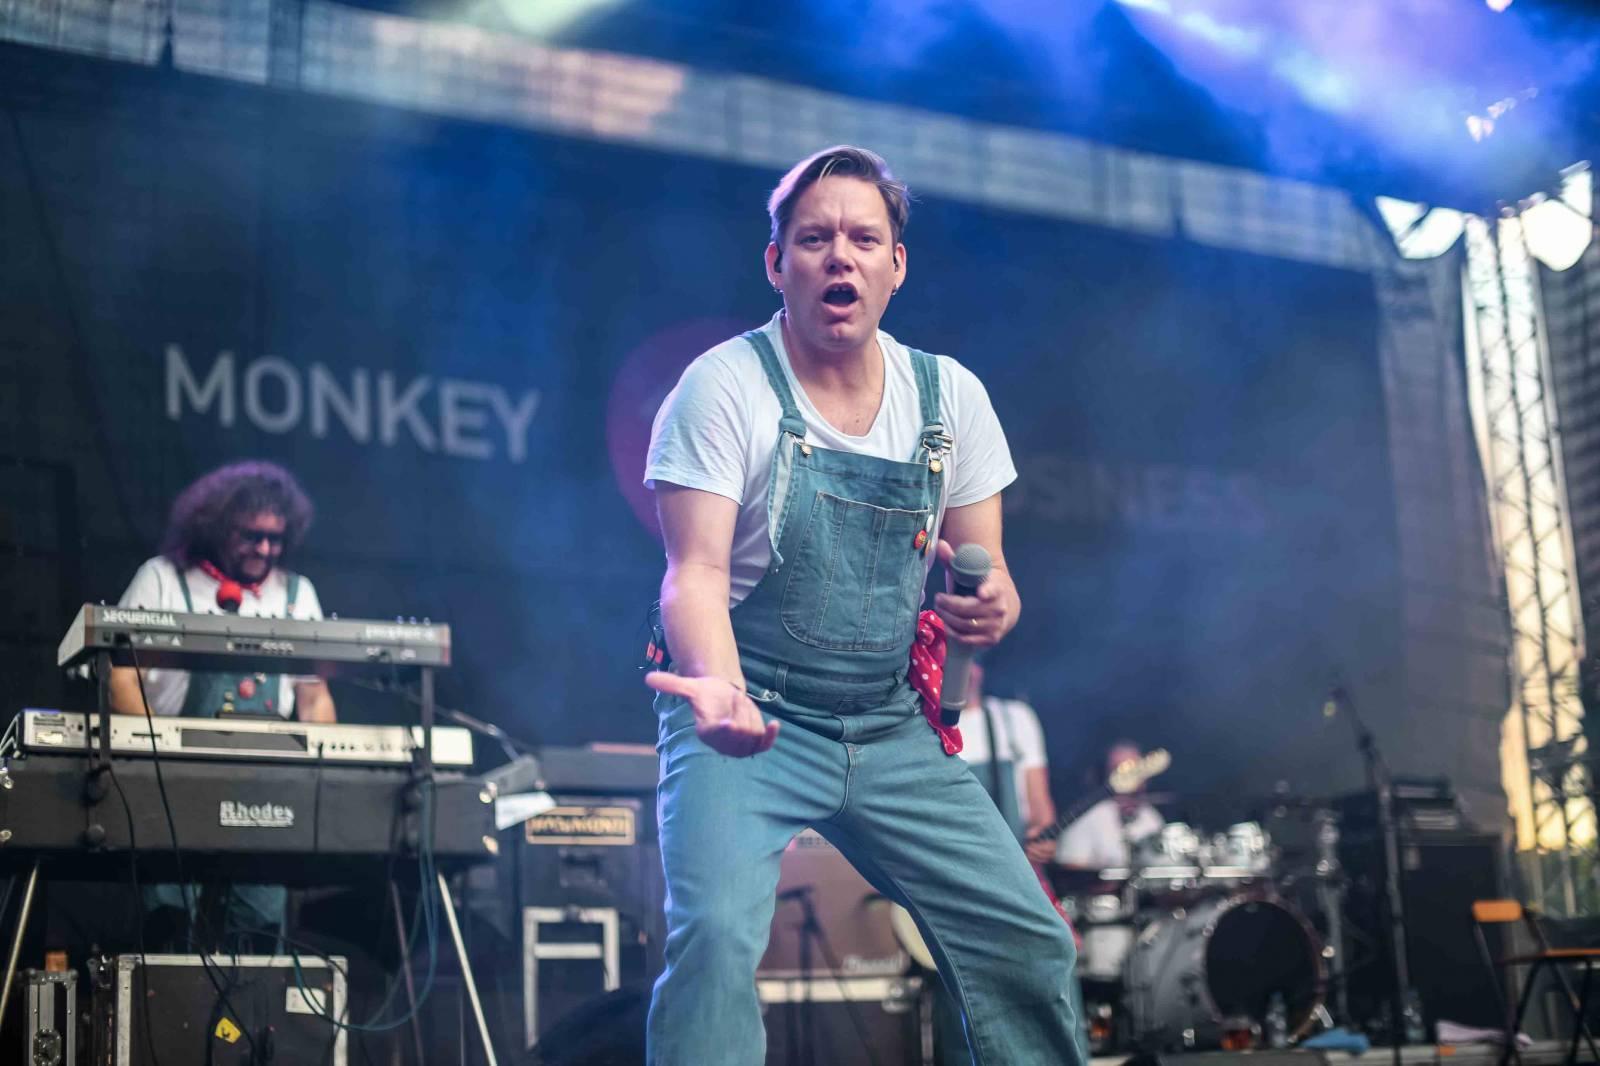 LIVE: Monkey Business oslavili dvacáté výročí ve velkém stylu a se vší parádou